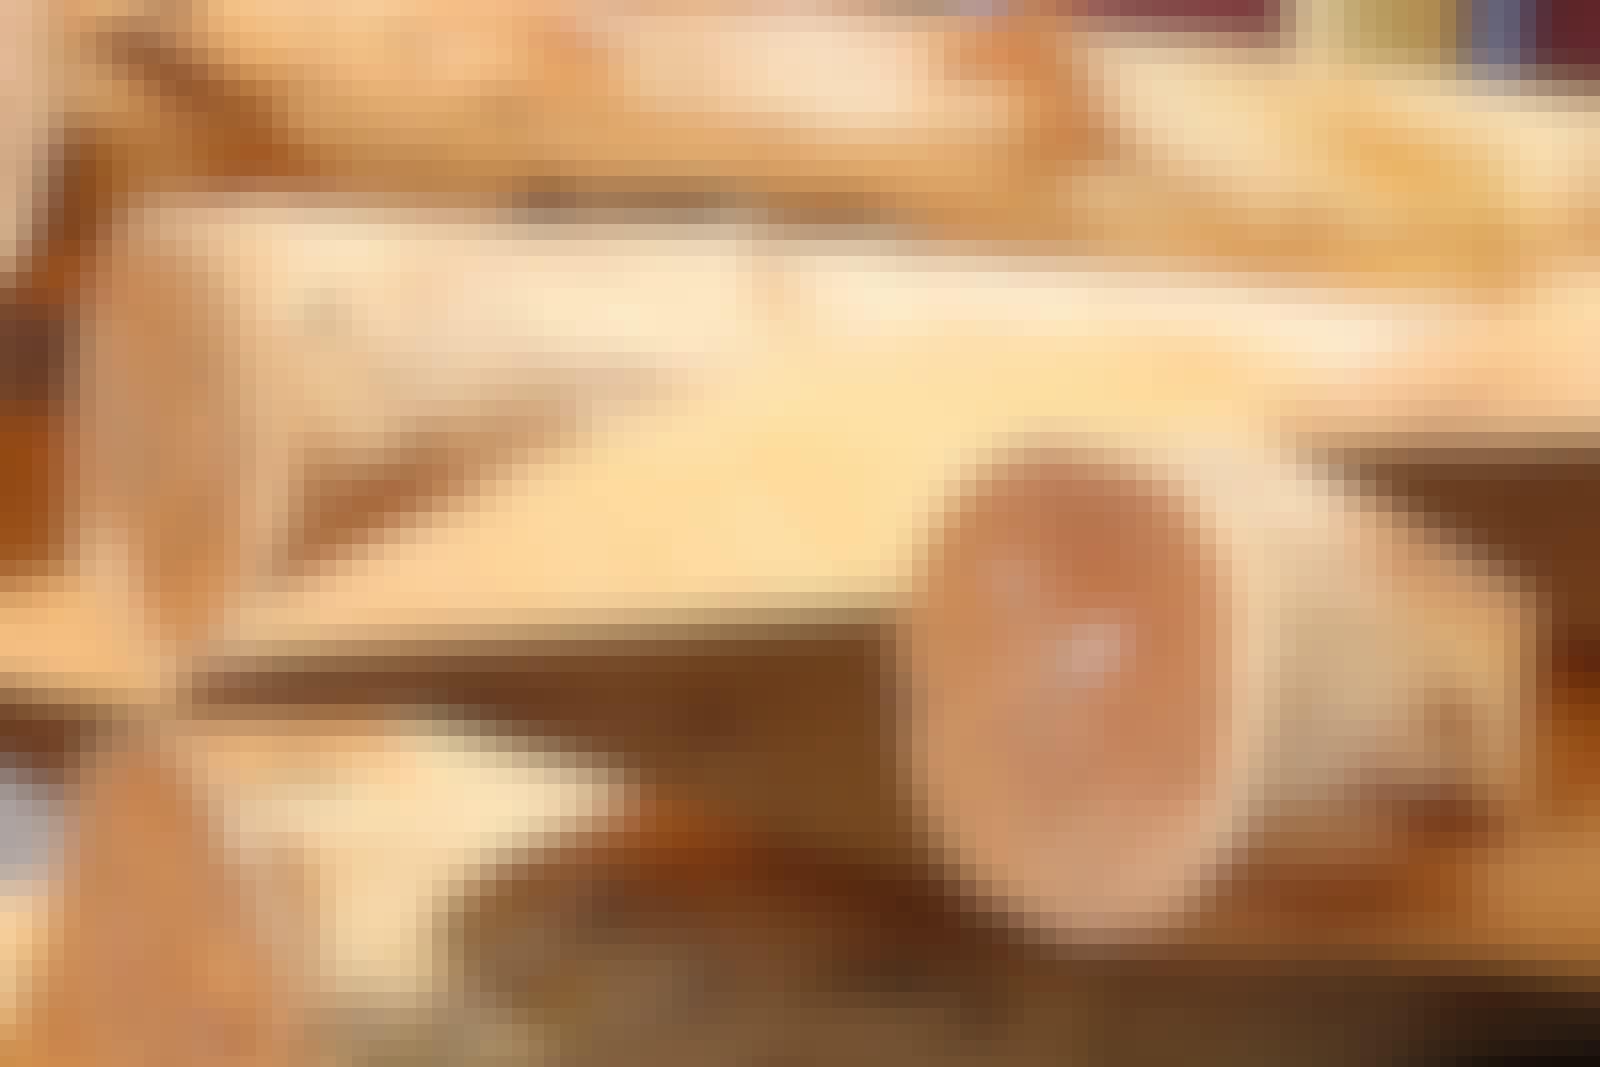 Stolper: Hegnsstolper i egetræ